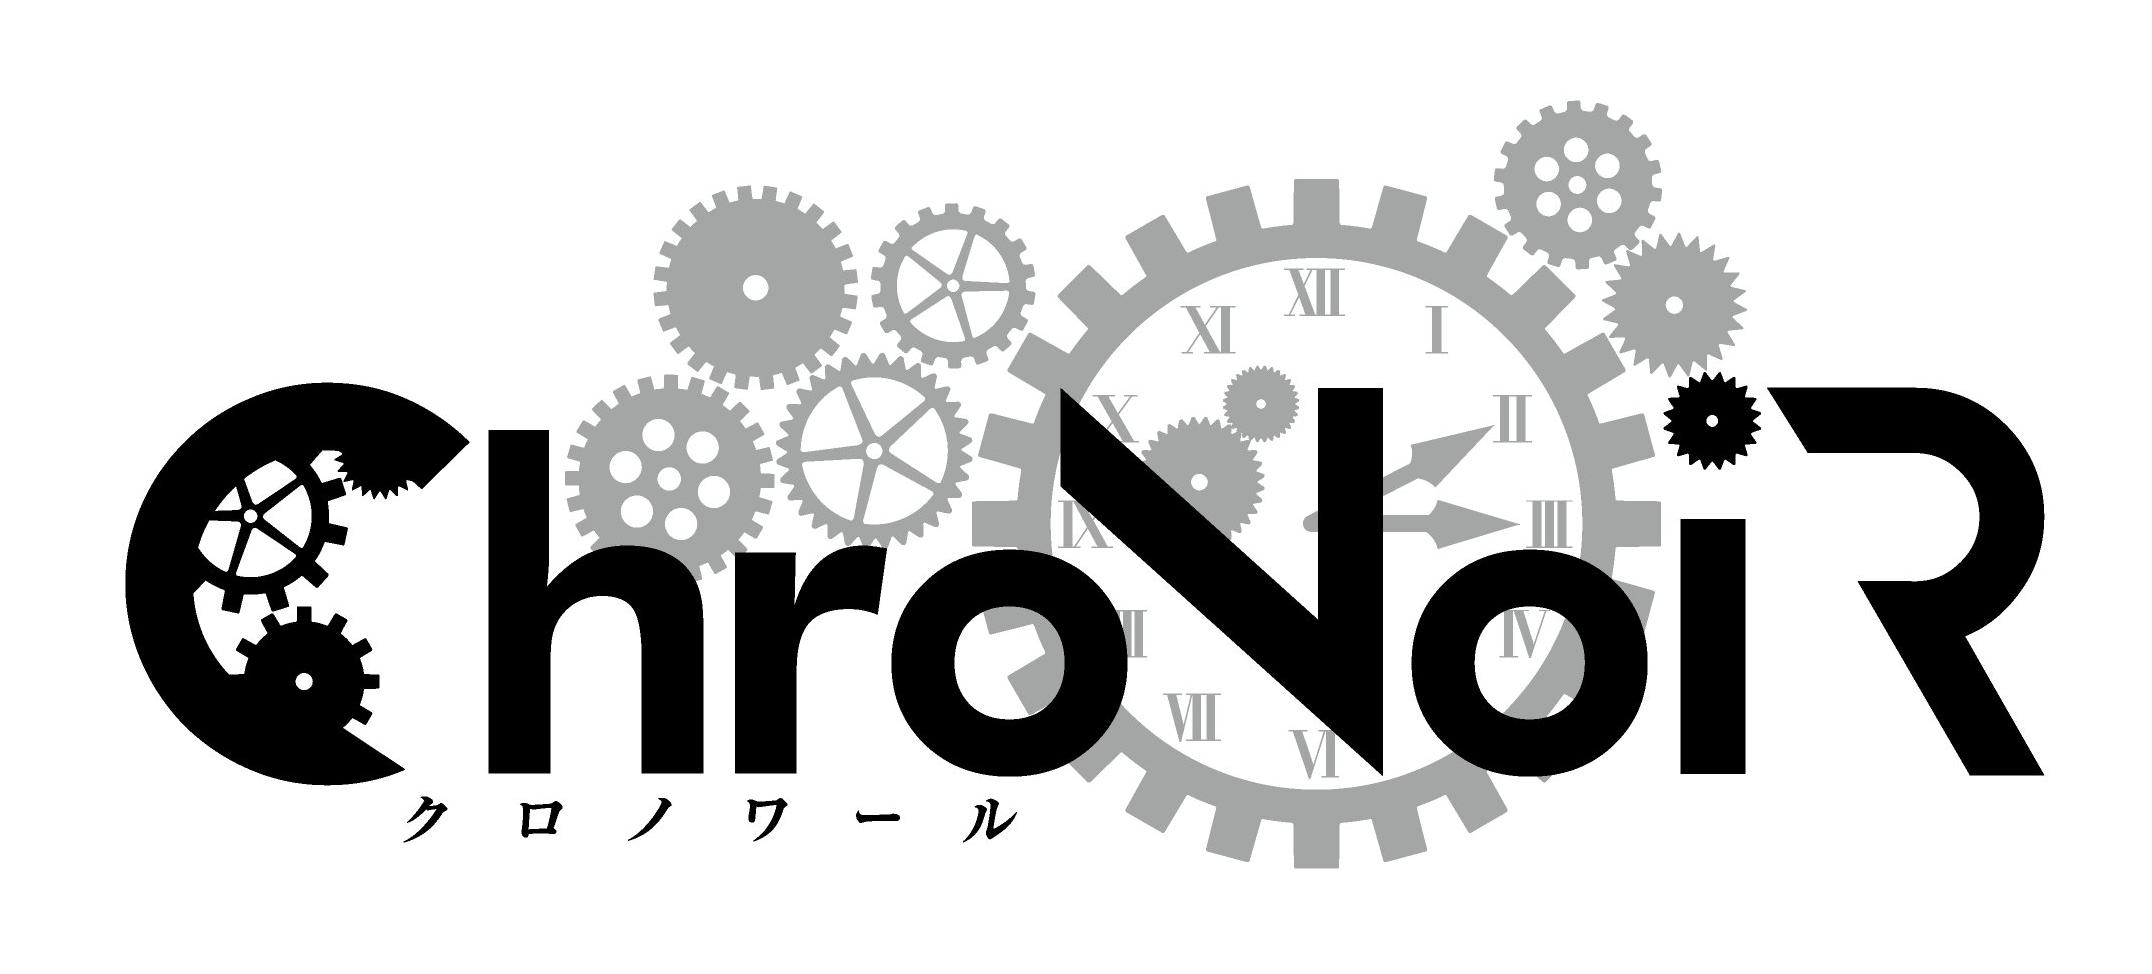 Logo_ChroNoiR_1.png